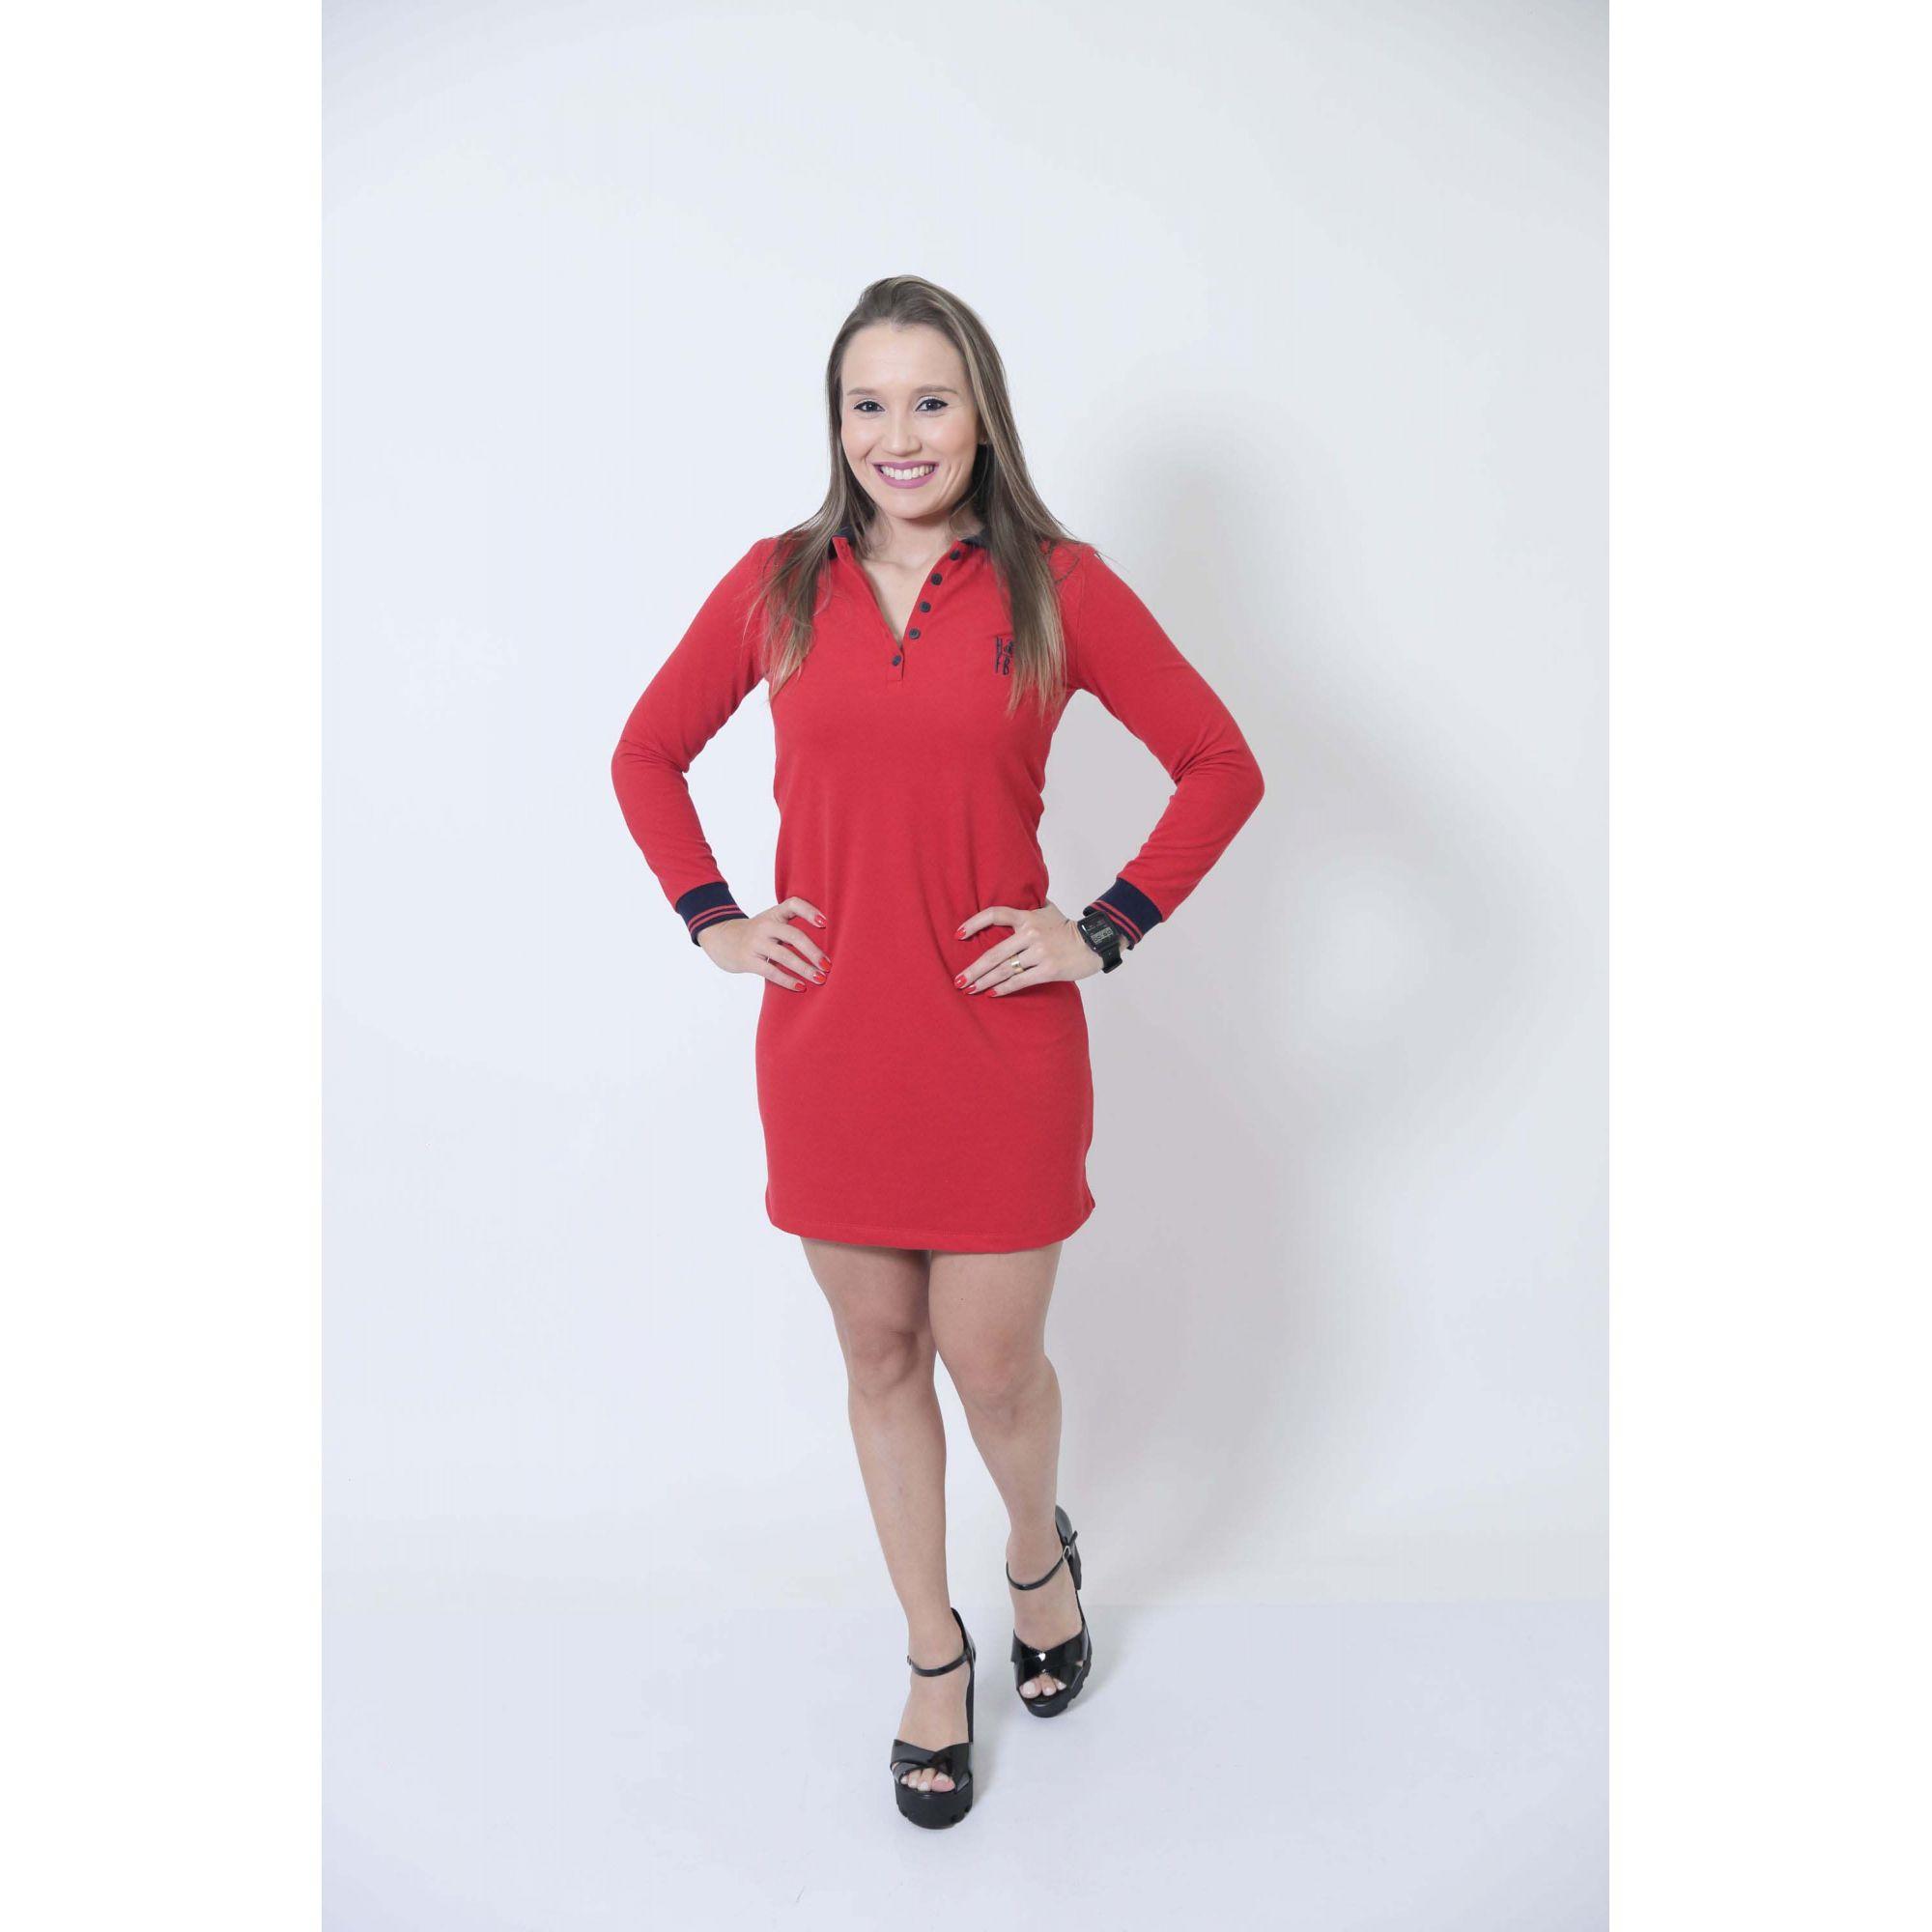 PAIS E FILHOS > Kit 03 Peças Vermelho Manga Longa Camisas ou Body + Vestido Polo [Coleção Família]  - Heitor Fashion Brazil